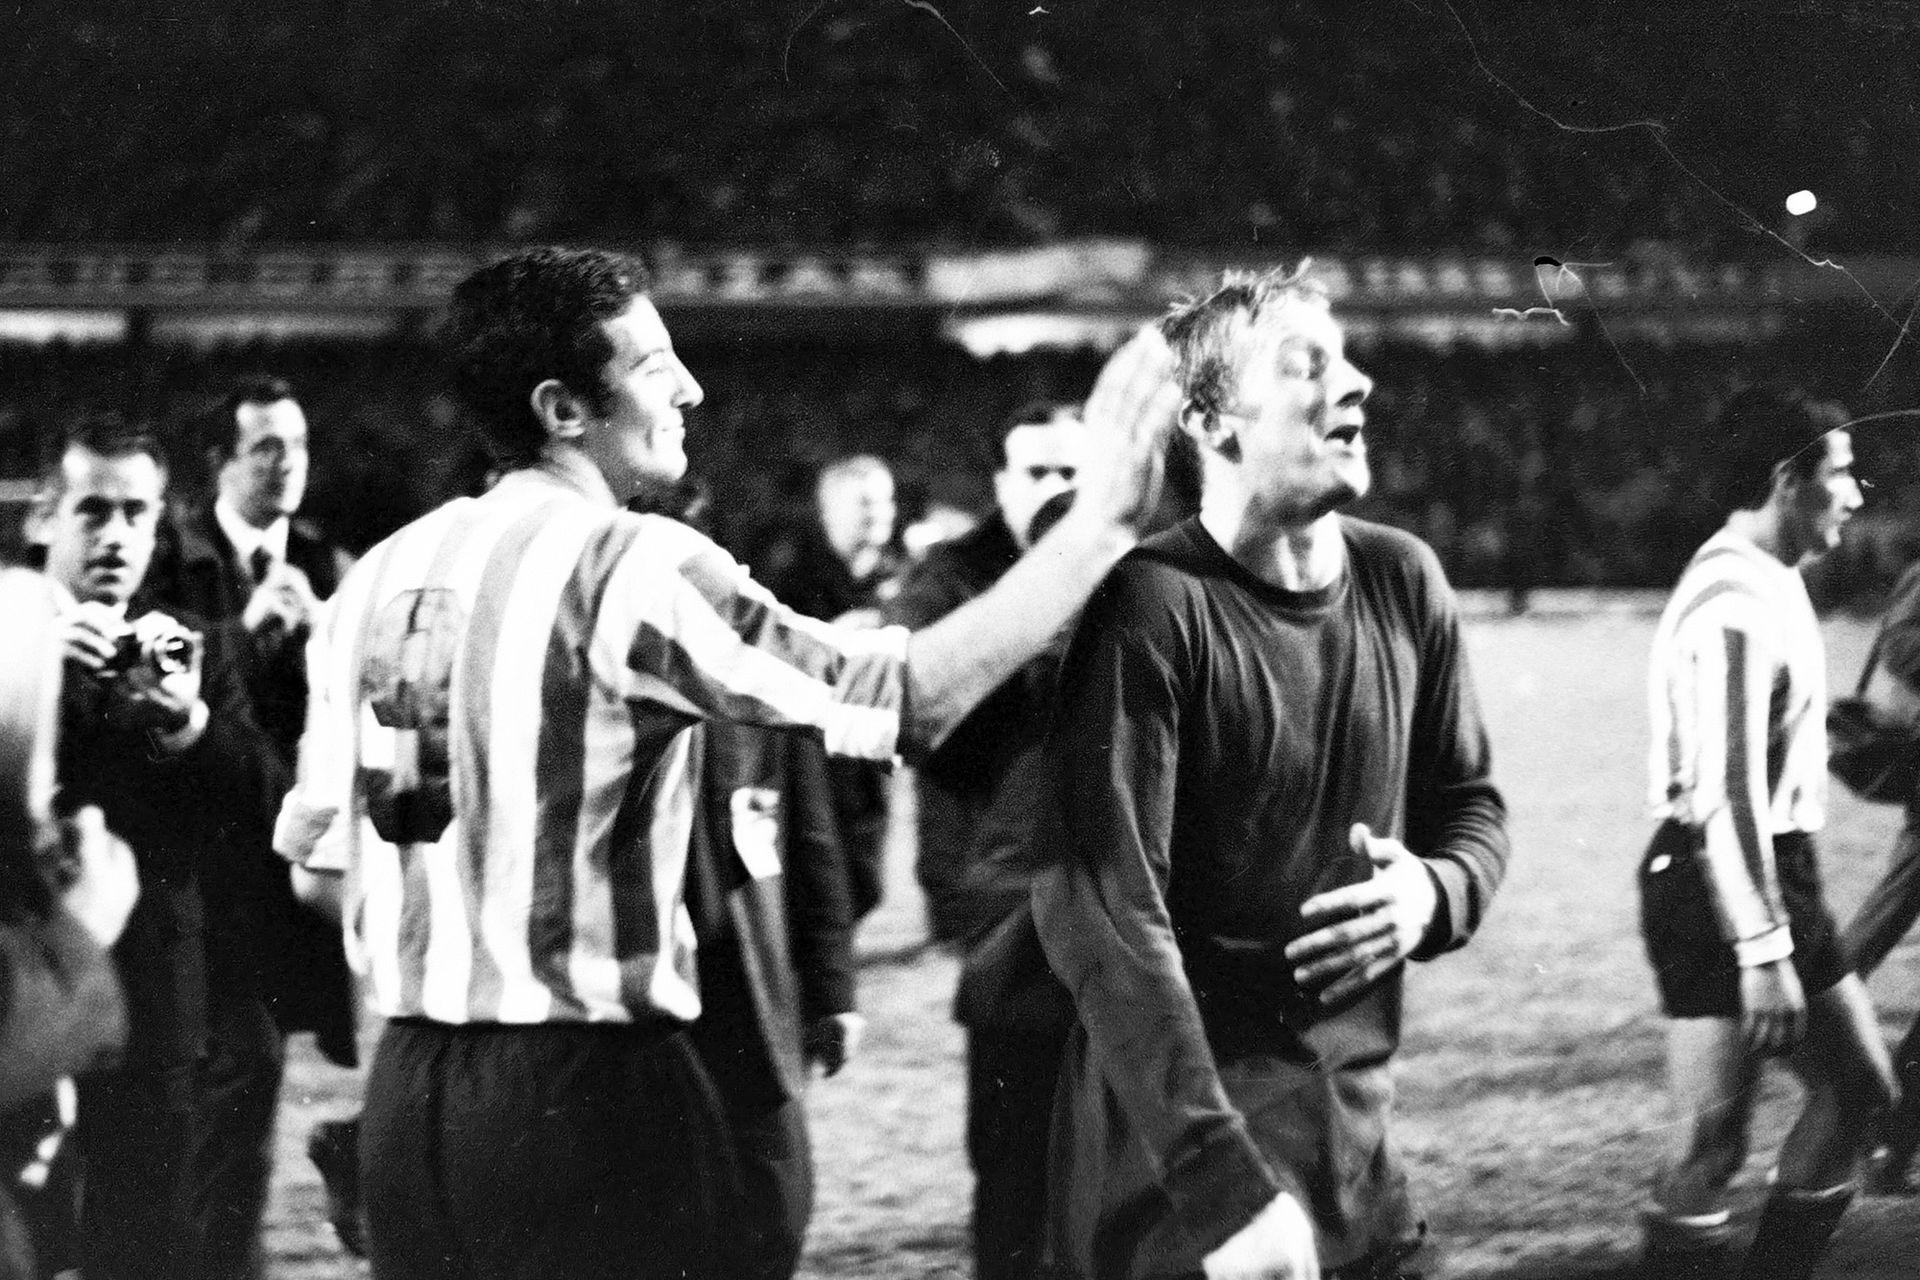 Denis Law (25 de septiembre de 1968): Balón de Oro en 1964 (ningún otro escocés lo logró), otro de los visitantes ilustres de aquel Manchester United que perdió la final Intercontinental con Estudiantes; en la foto, recibe el saludo de Conigliaro, autor del gol del triunfo Pincha en la Bombonera